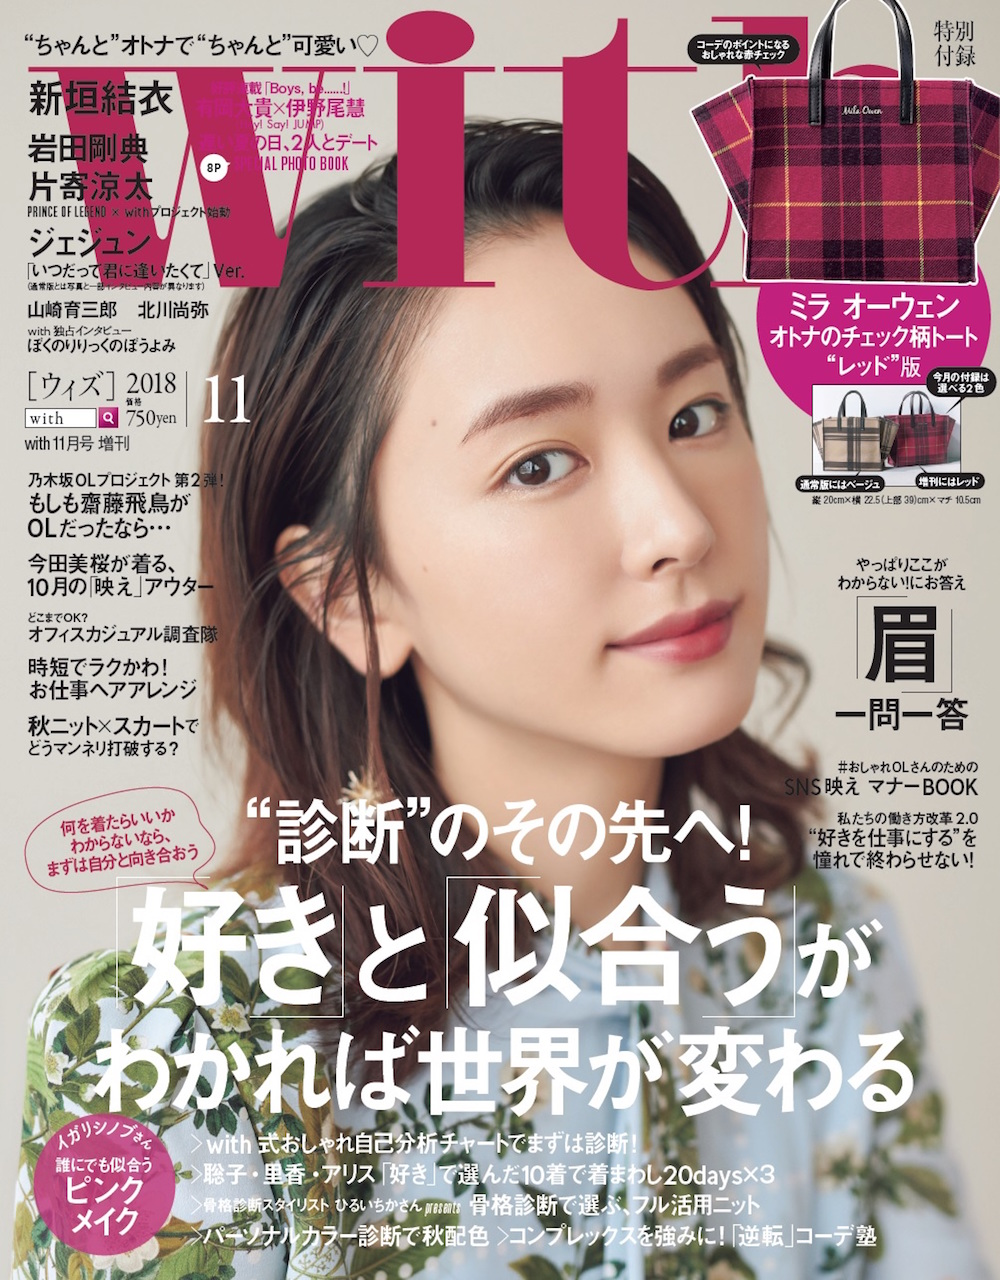 新垣結衣が登場した「with11月号」増刊の表紙